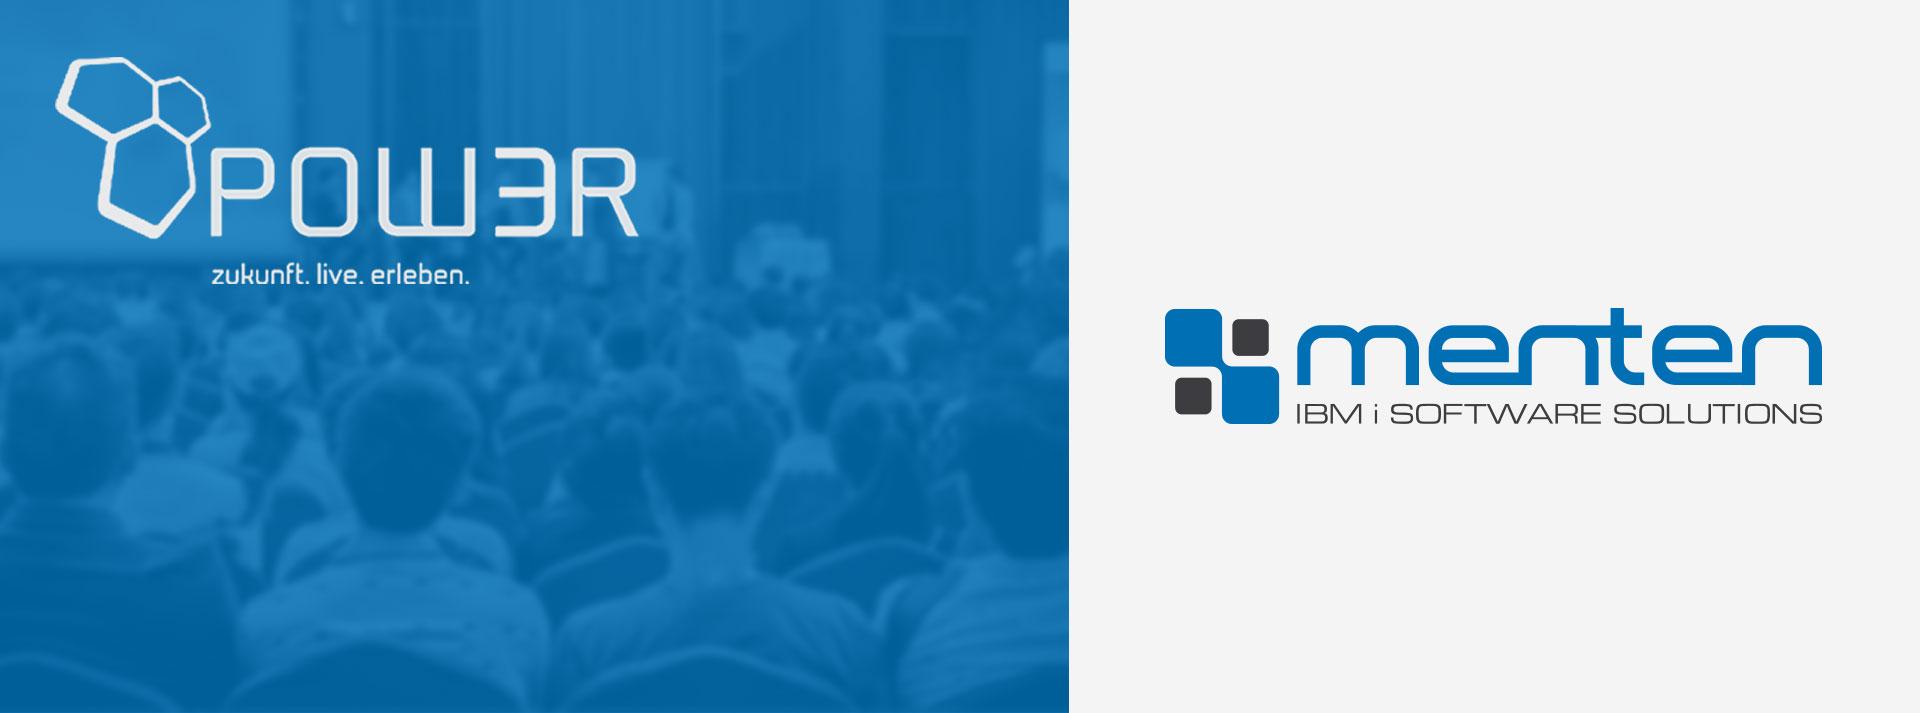 menten GmbH als Sponsor bei der POW3R Konferenz in Mannheim 2019